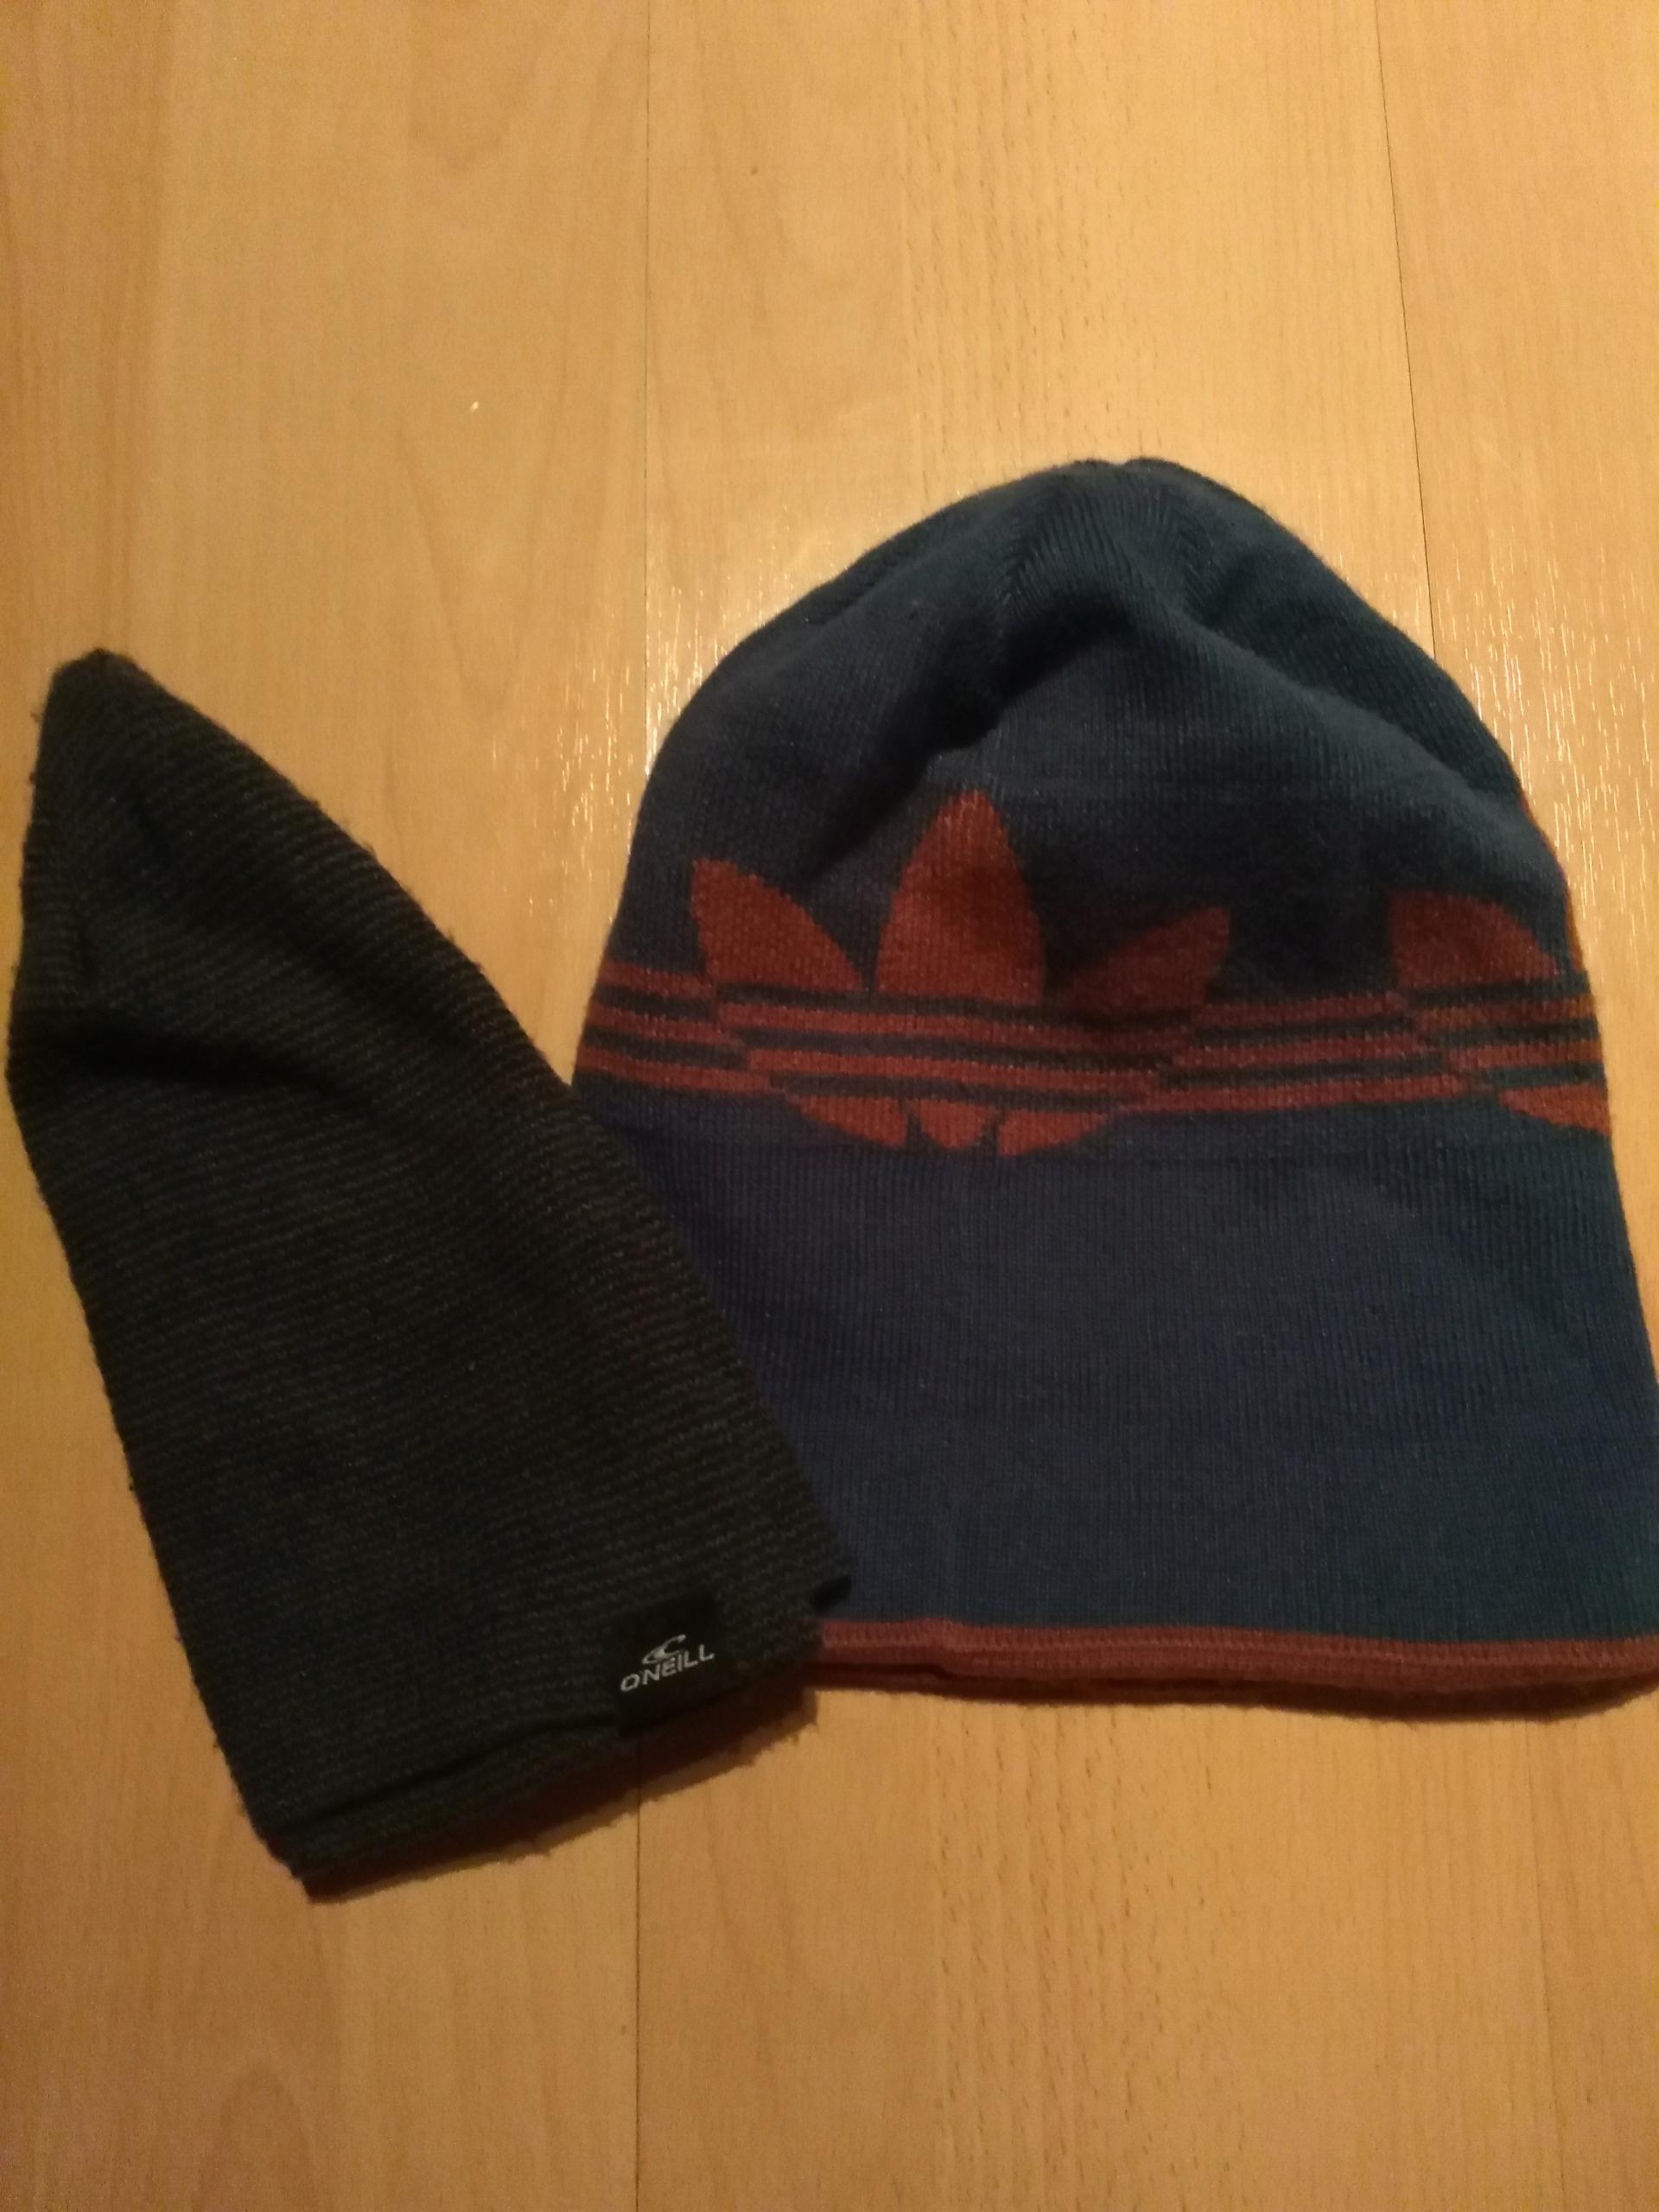 czapka zimowa adidas + gratis ONEILL SNOWBOARD